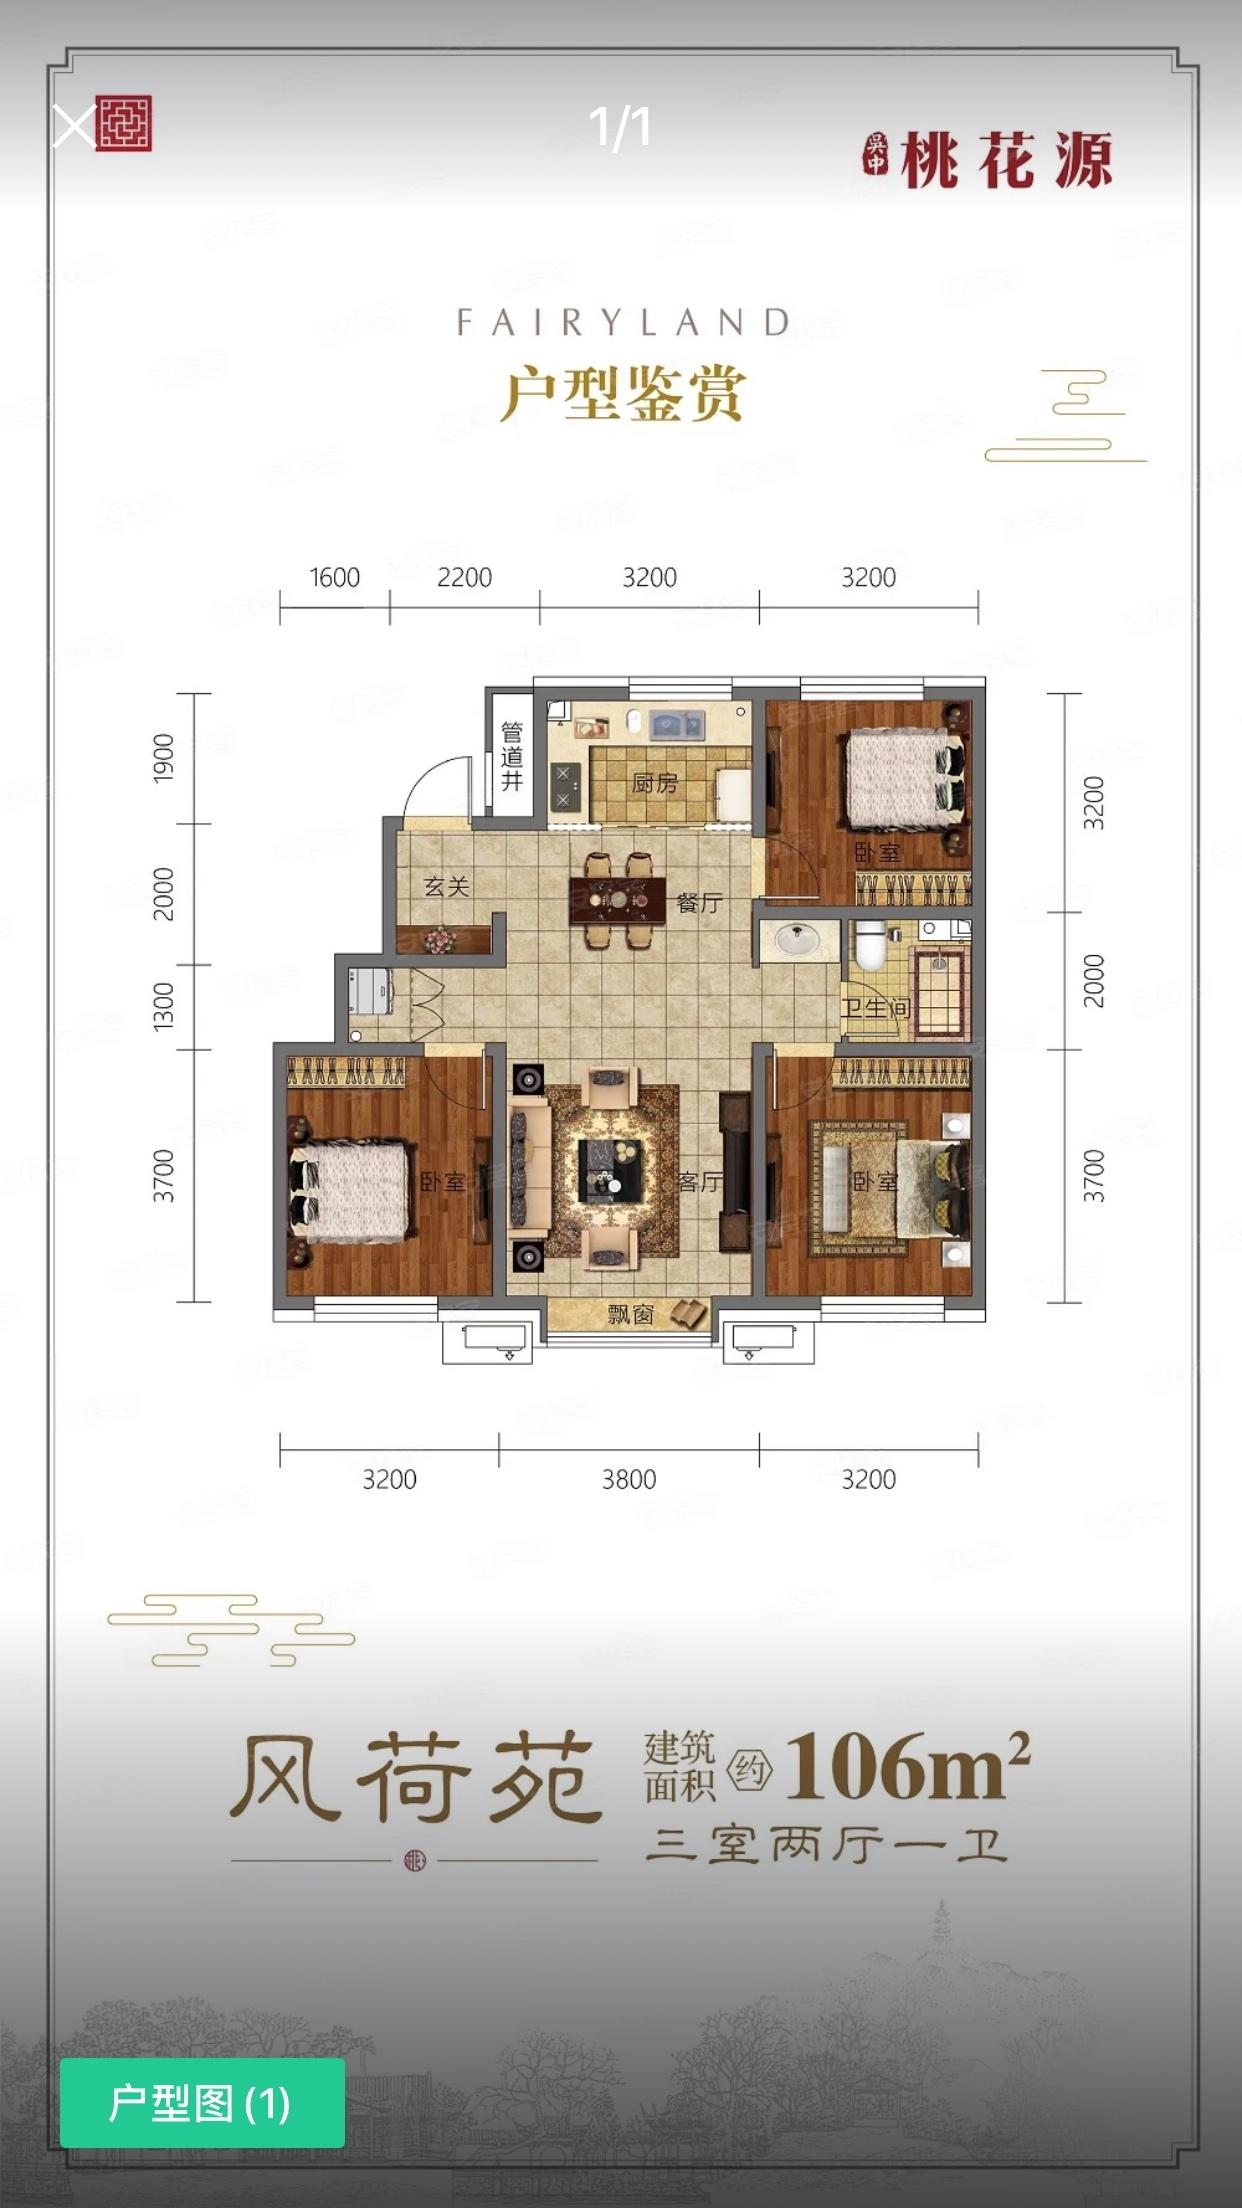 2套房子实际得房面积会依然相同吗